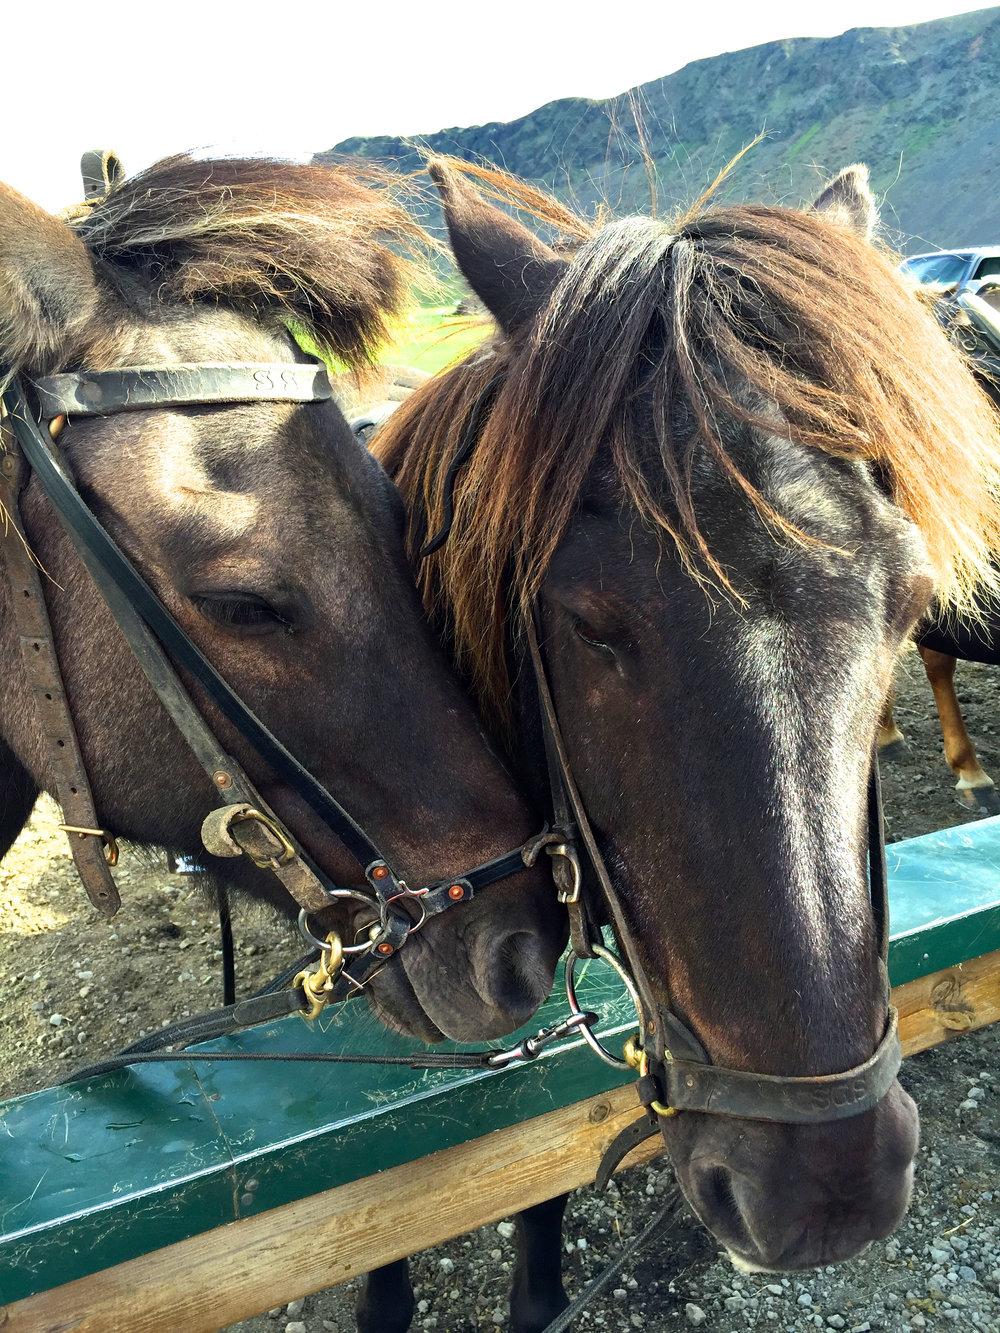 teri_horsebackriding_Iceland_spiritedtable_photo2.jpg